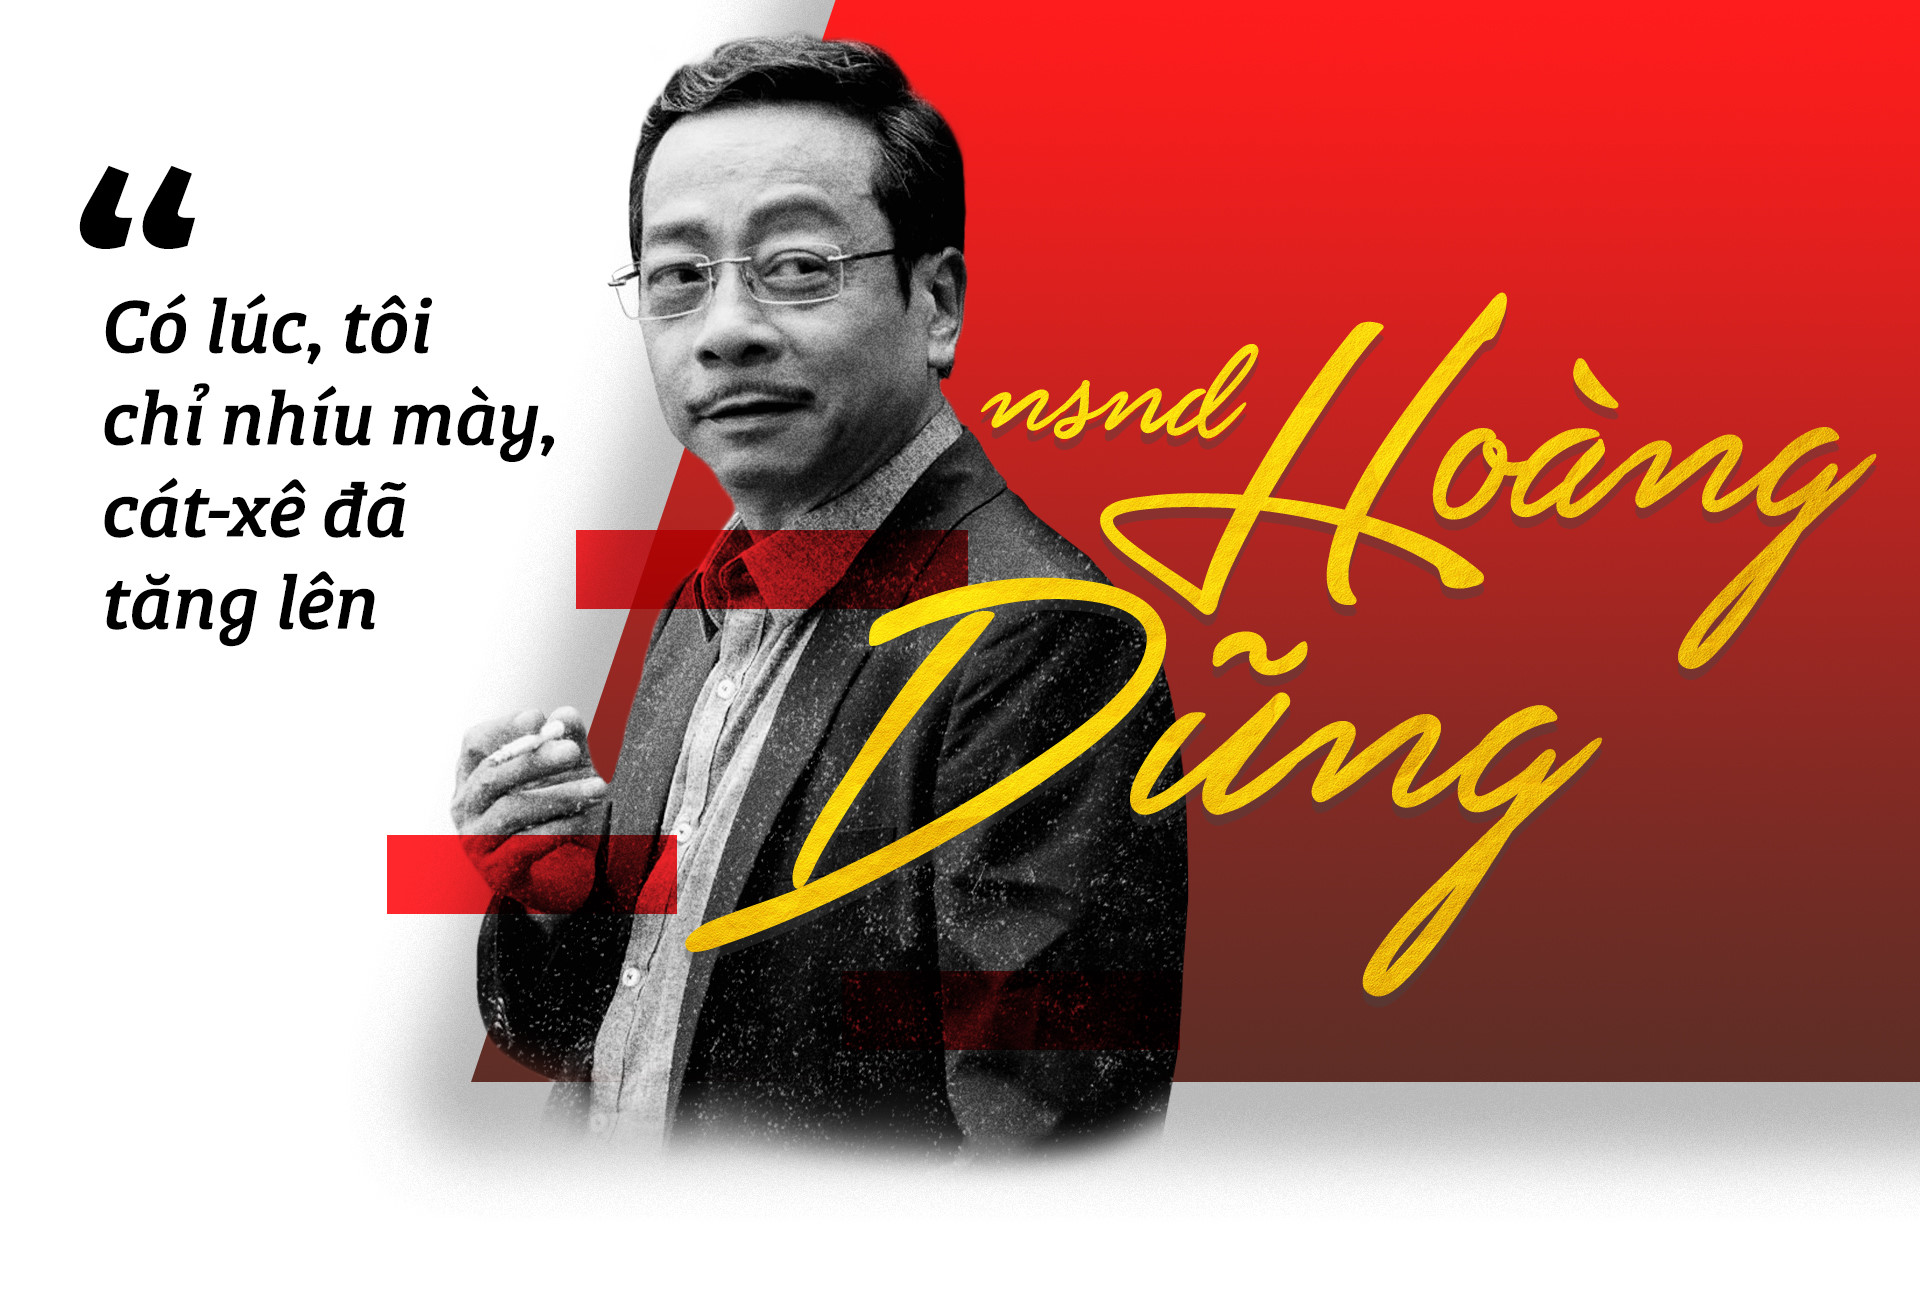 'Nguoi Phan Xu': Co Luc, Toi Chi Nhiu May, Cat-